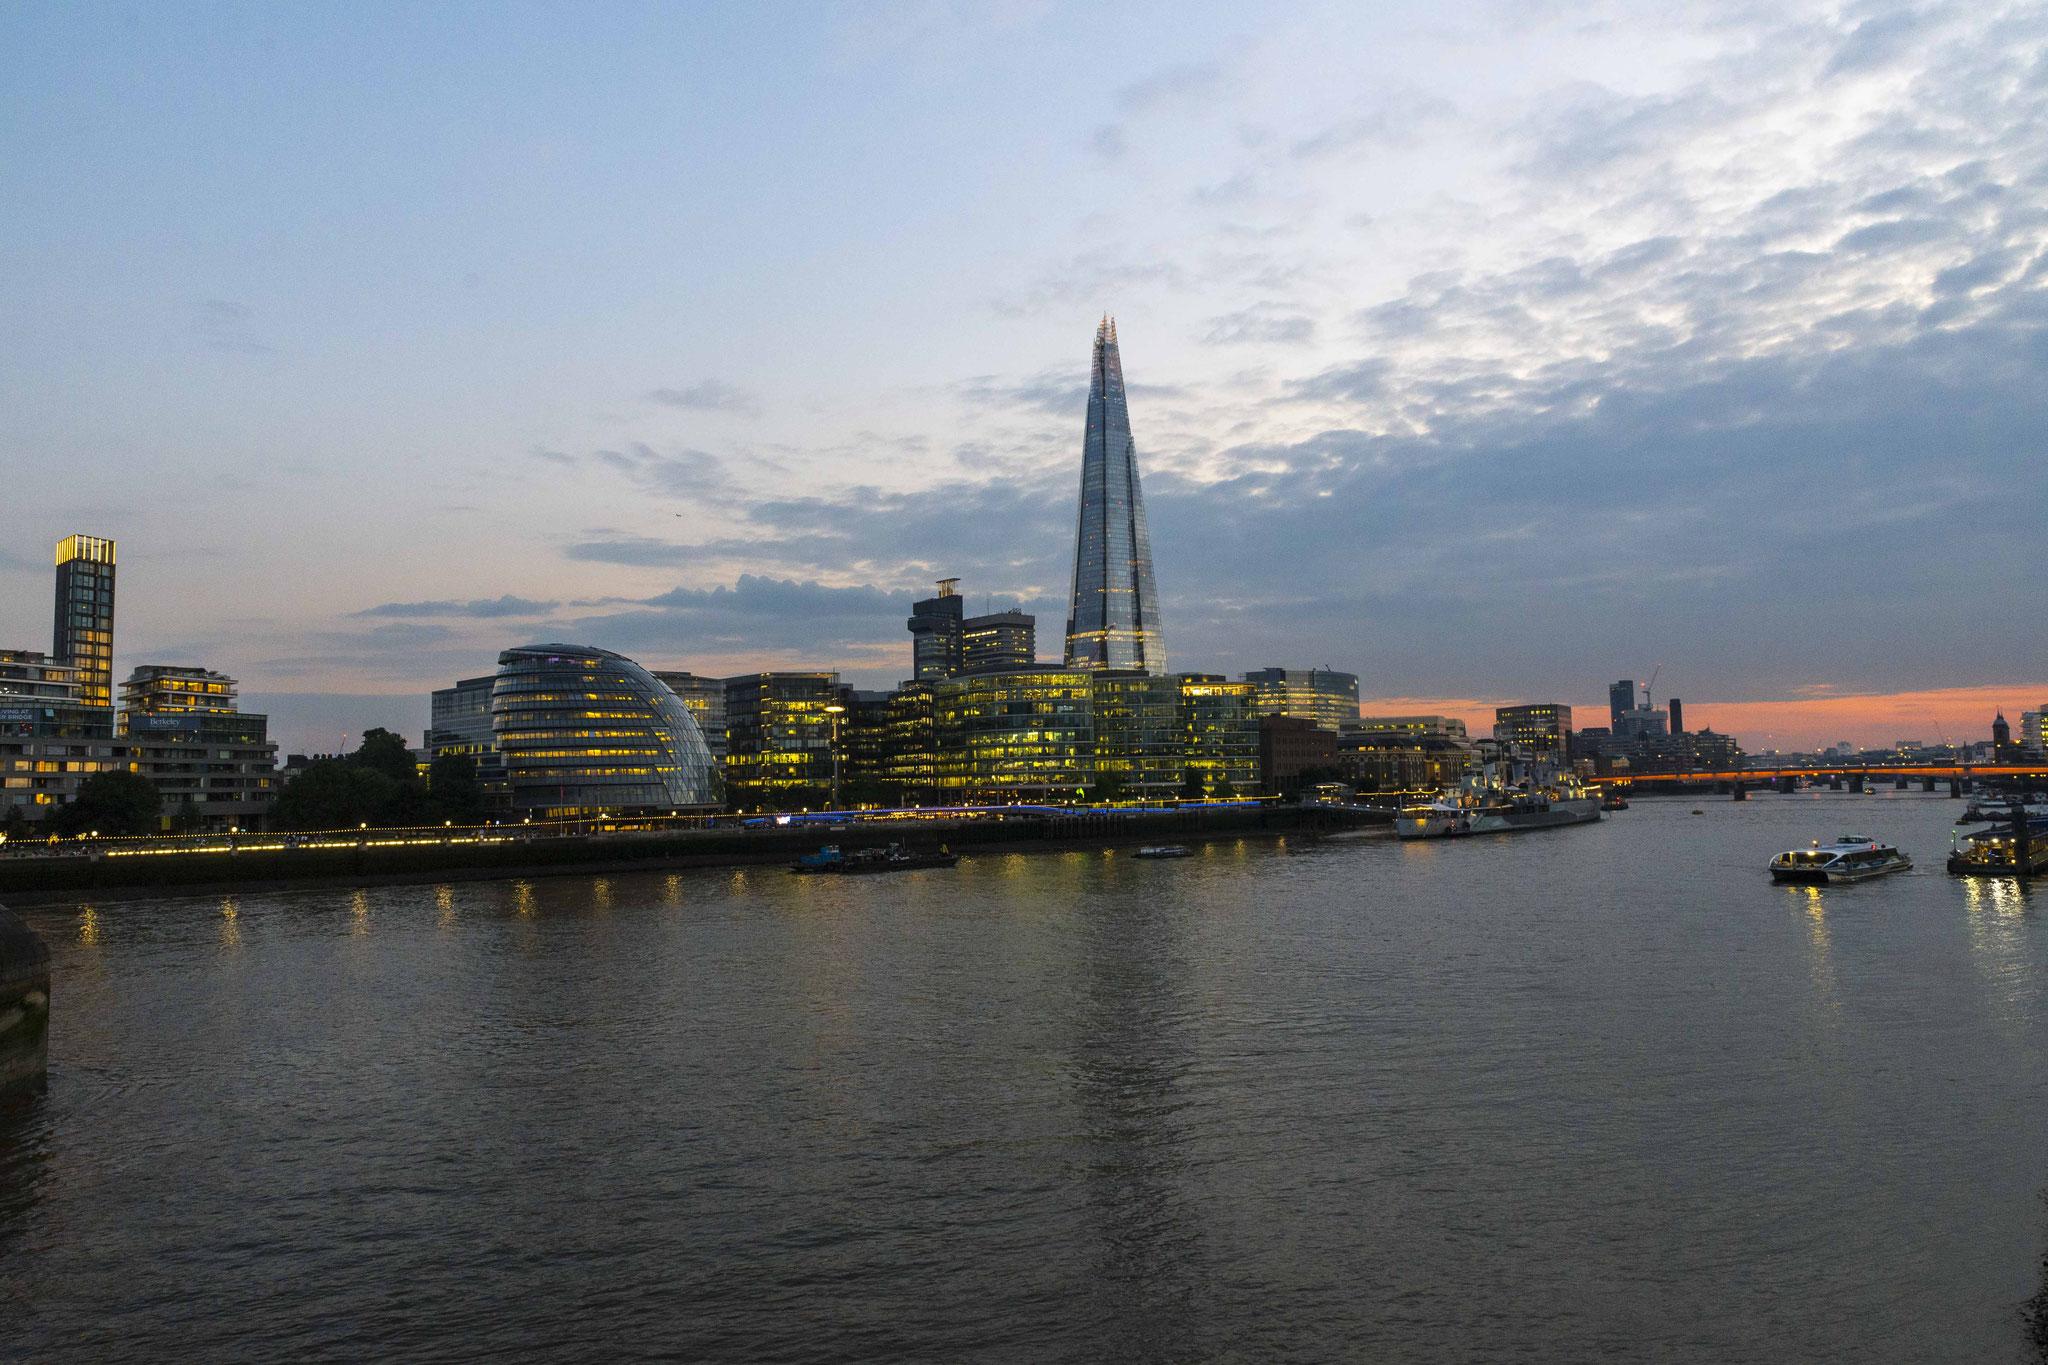 Südufer der Themse mit The Shard, dem neuen Wahrzeichen Londons